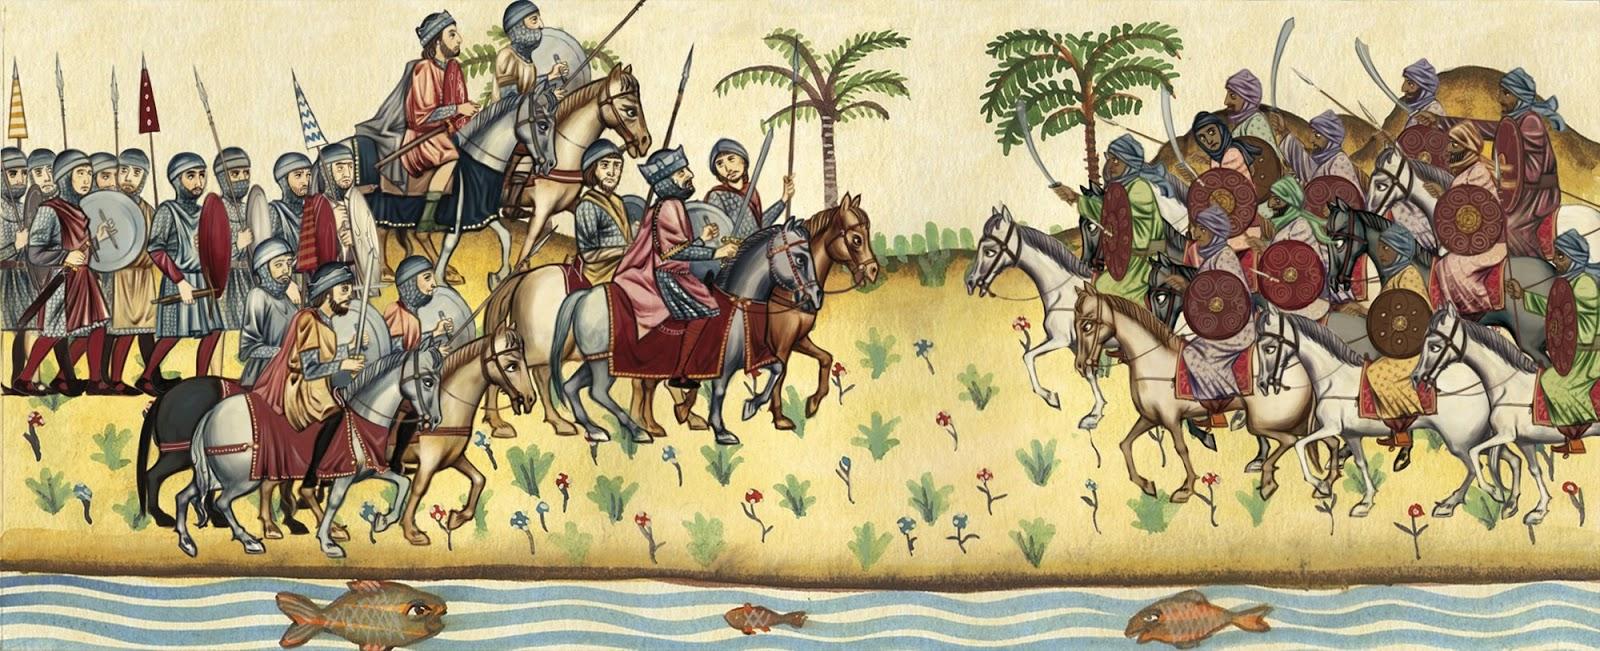 El final del Rey Visigodo Roderic (rODRIGO) - Batalla de Guadalete